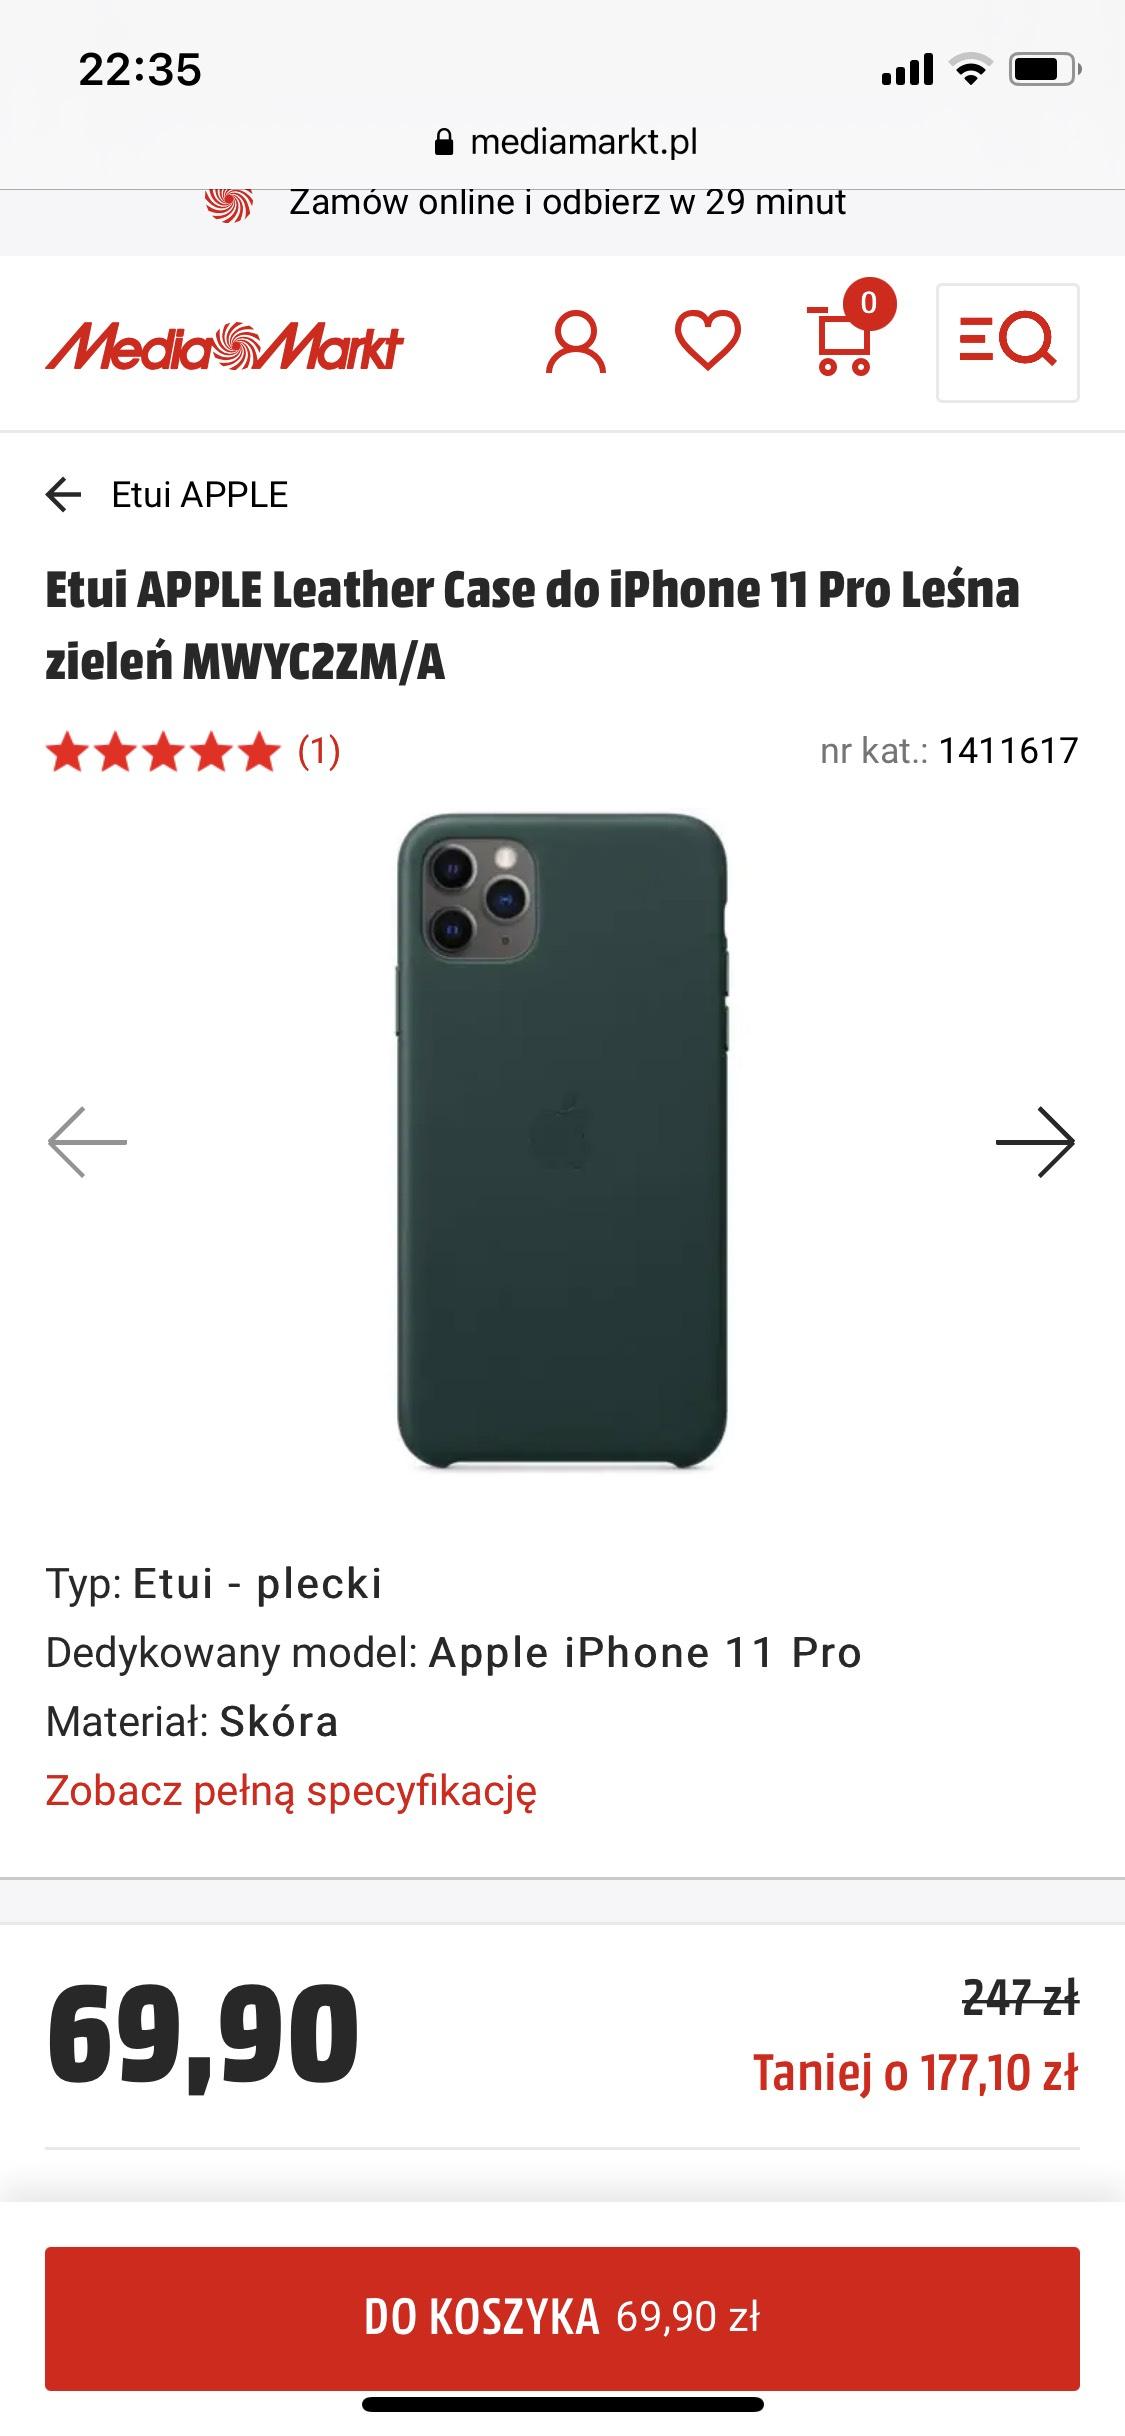 Etui APPLE Leather Case do iPhone 11 Pro